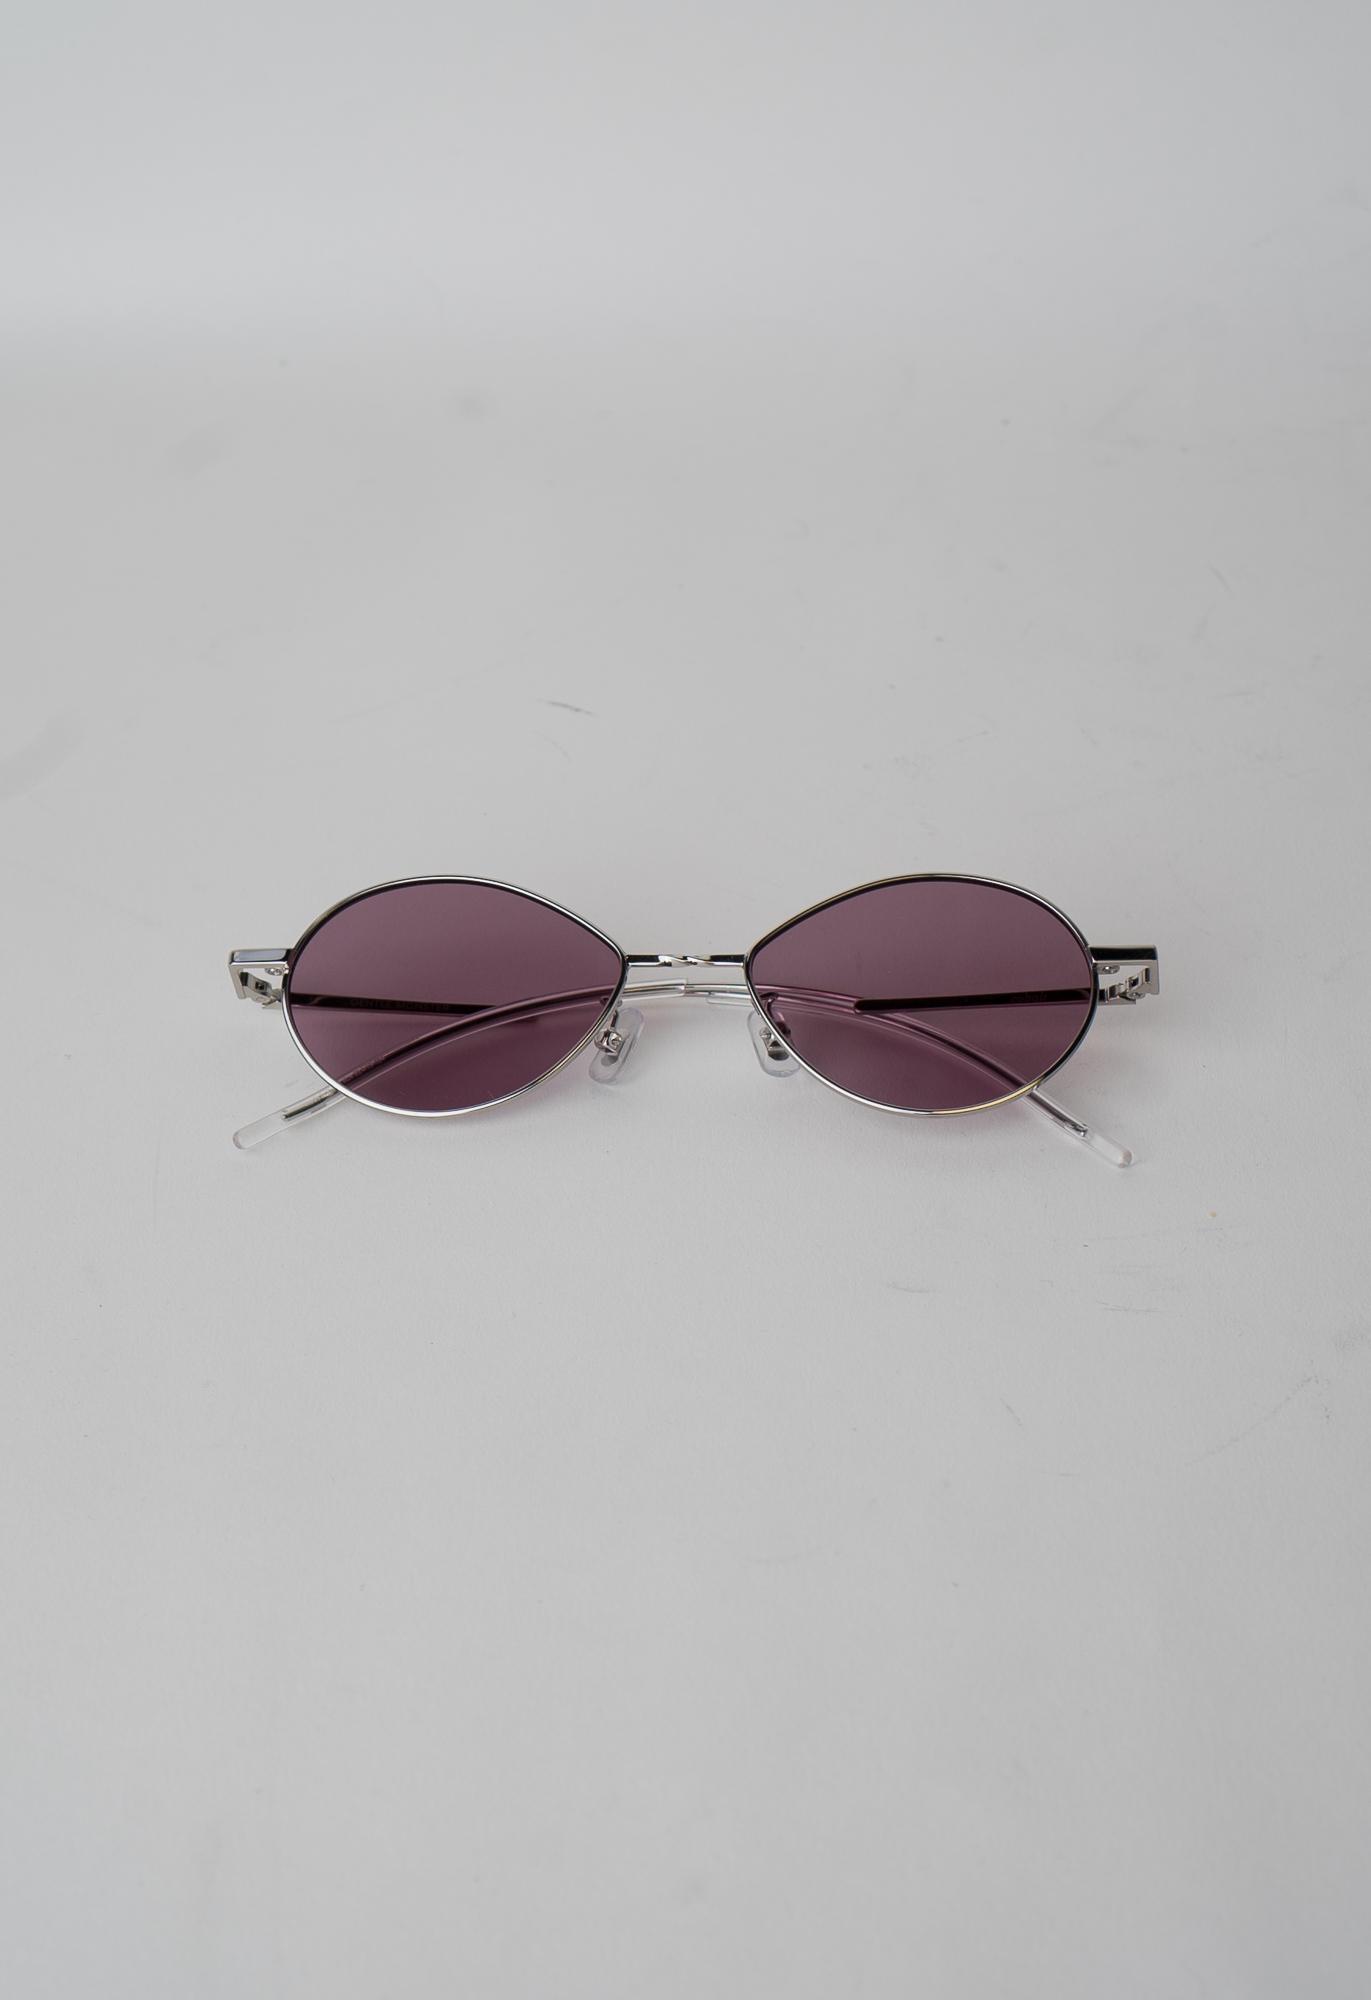 647a7864b47a9 Gentle Monster Cobalt 02 V Sunglasses — Urban Oxygen